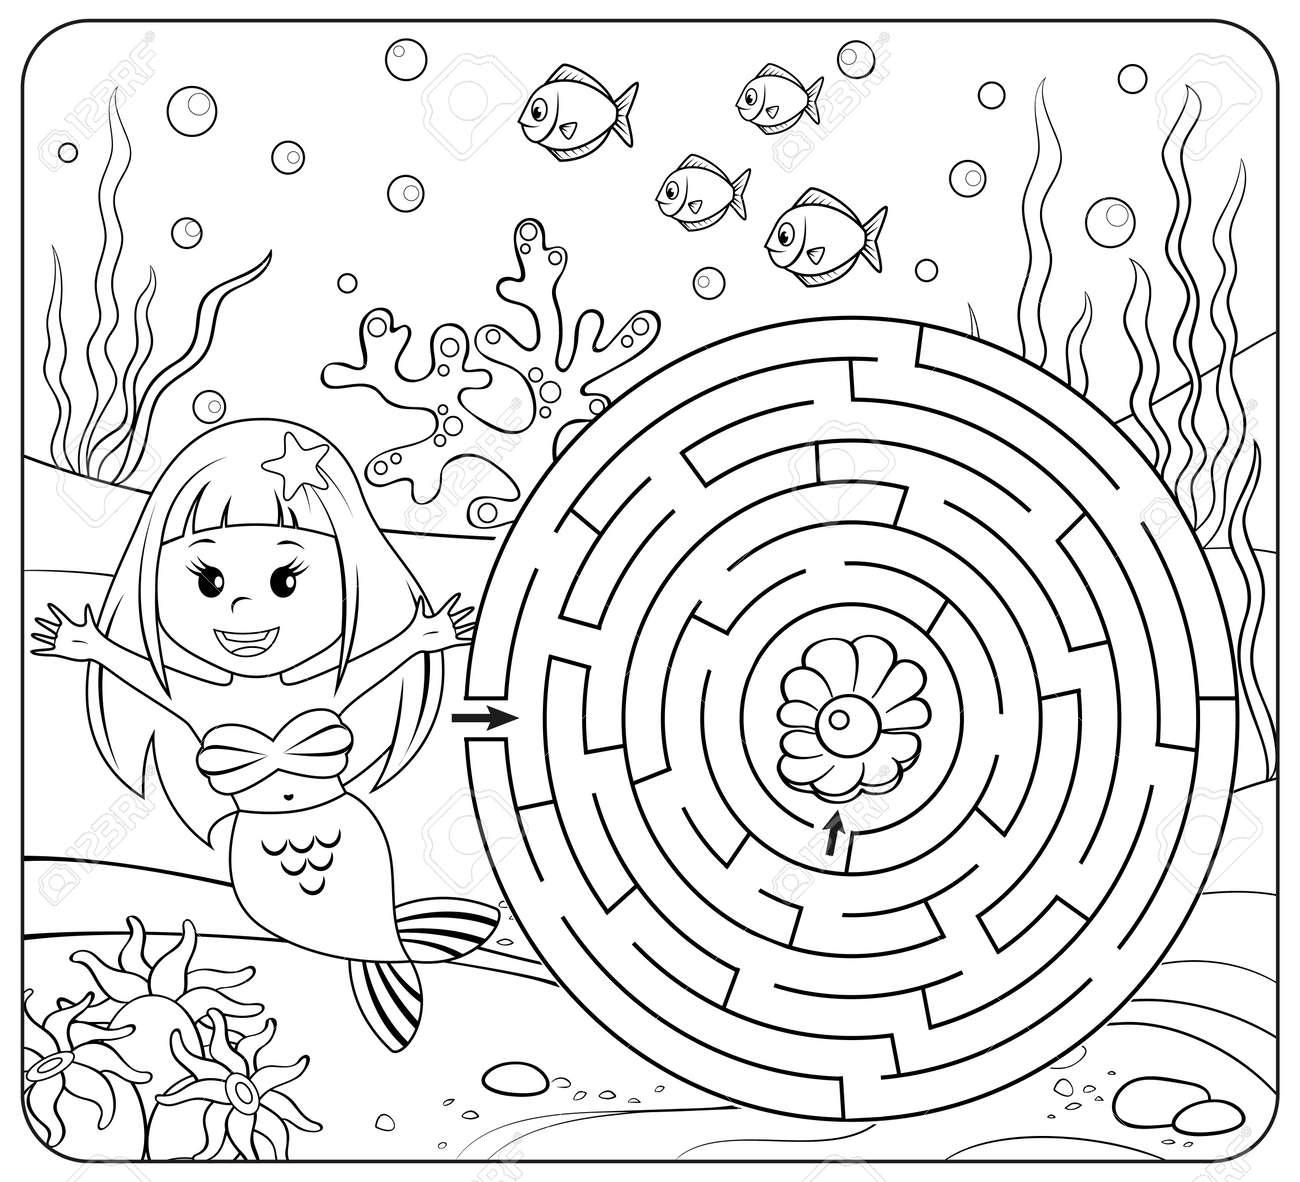 Hilfe Meerjungfrau Finden Weg Zu Perle. Labyrinth. Labyrinth Spiel ...